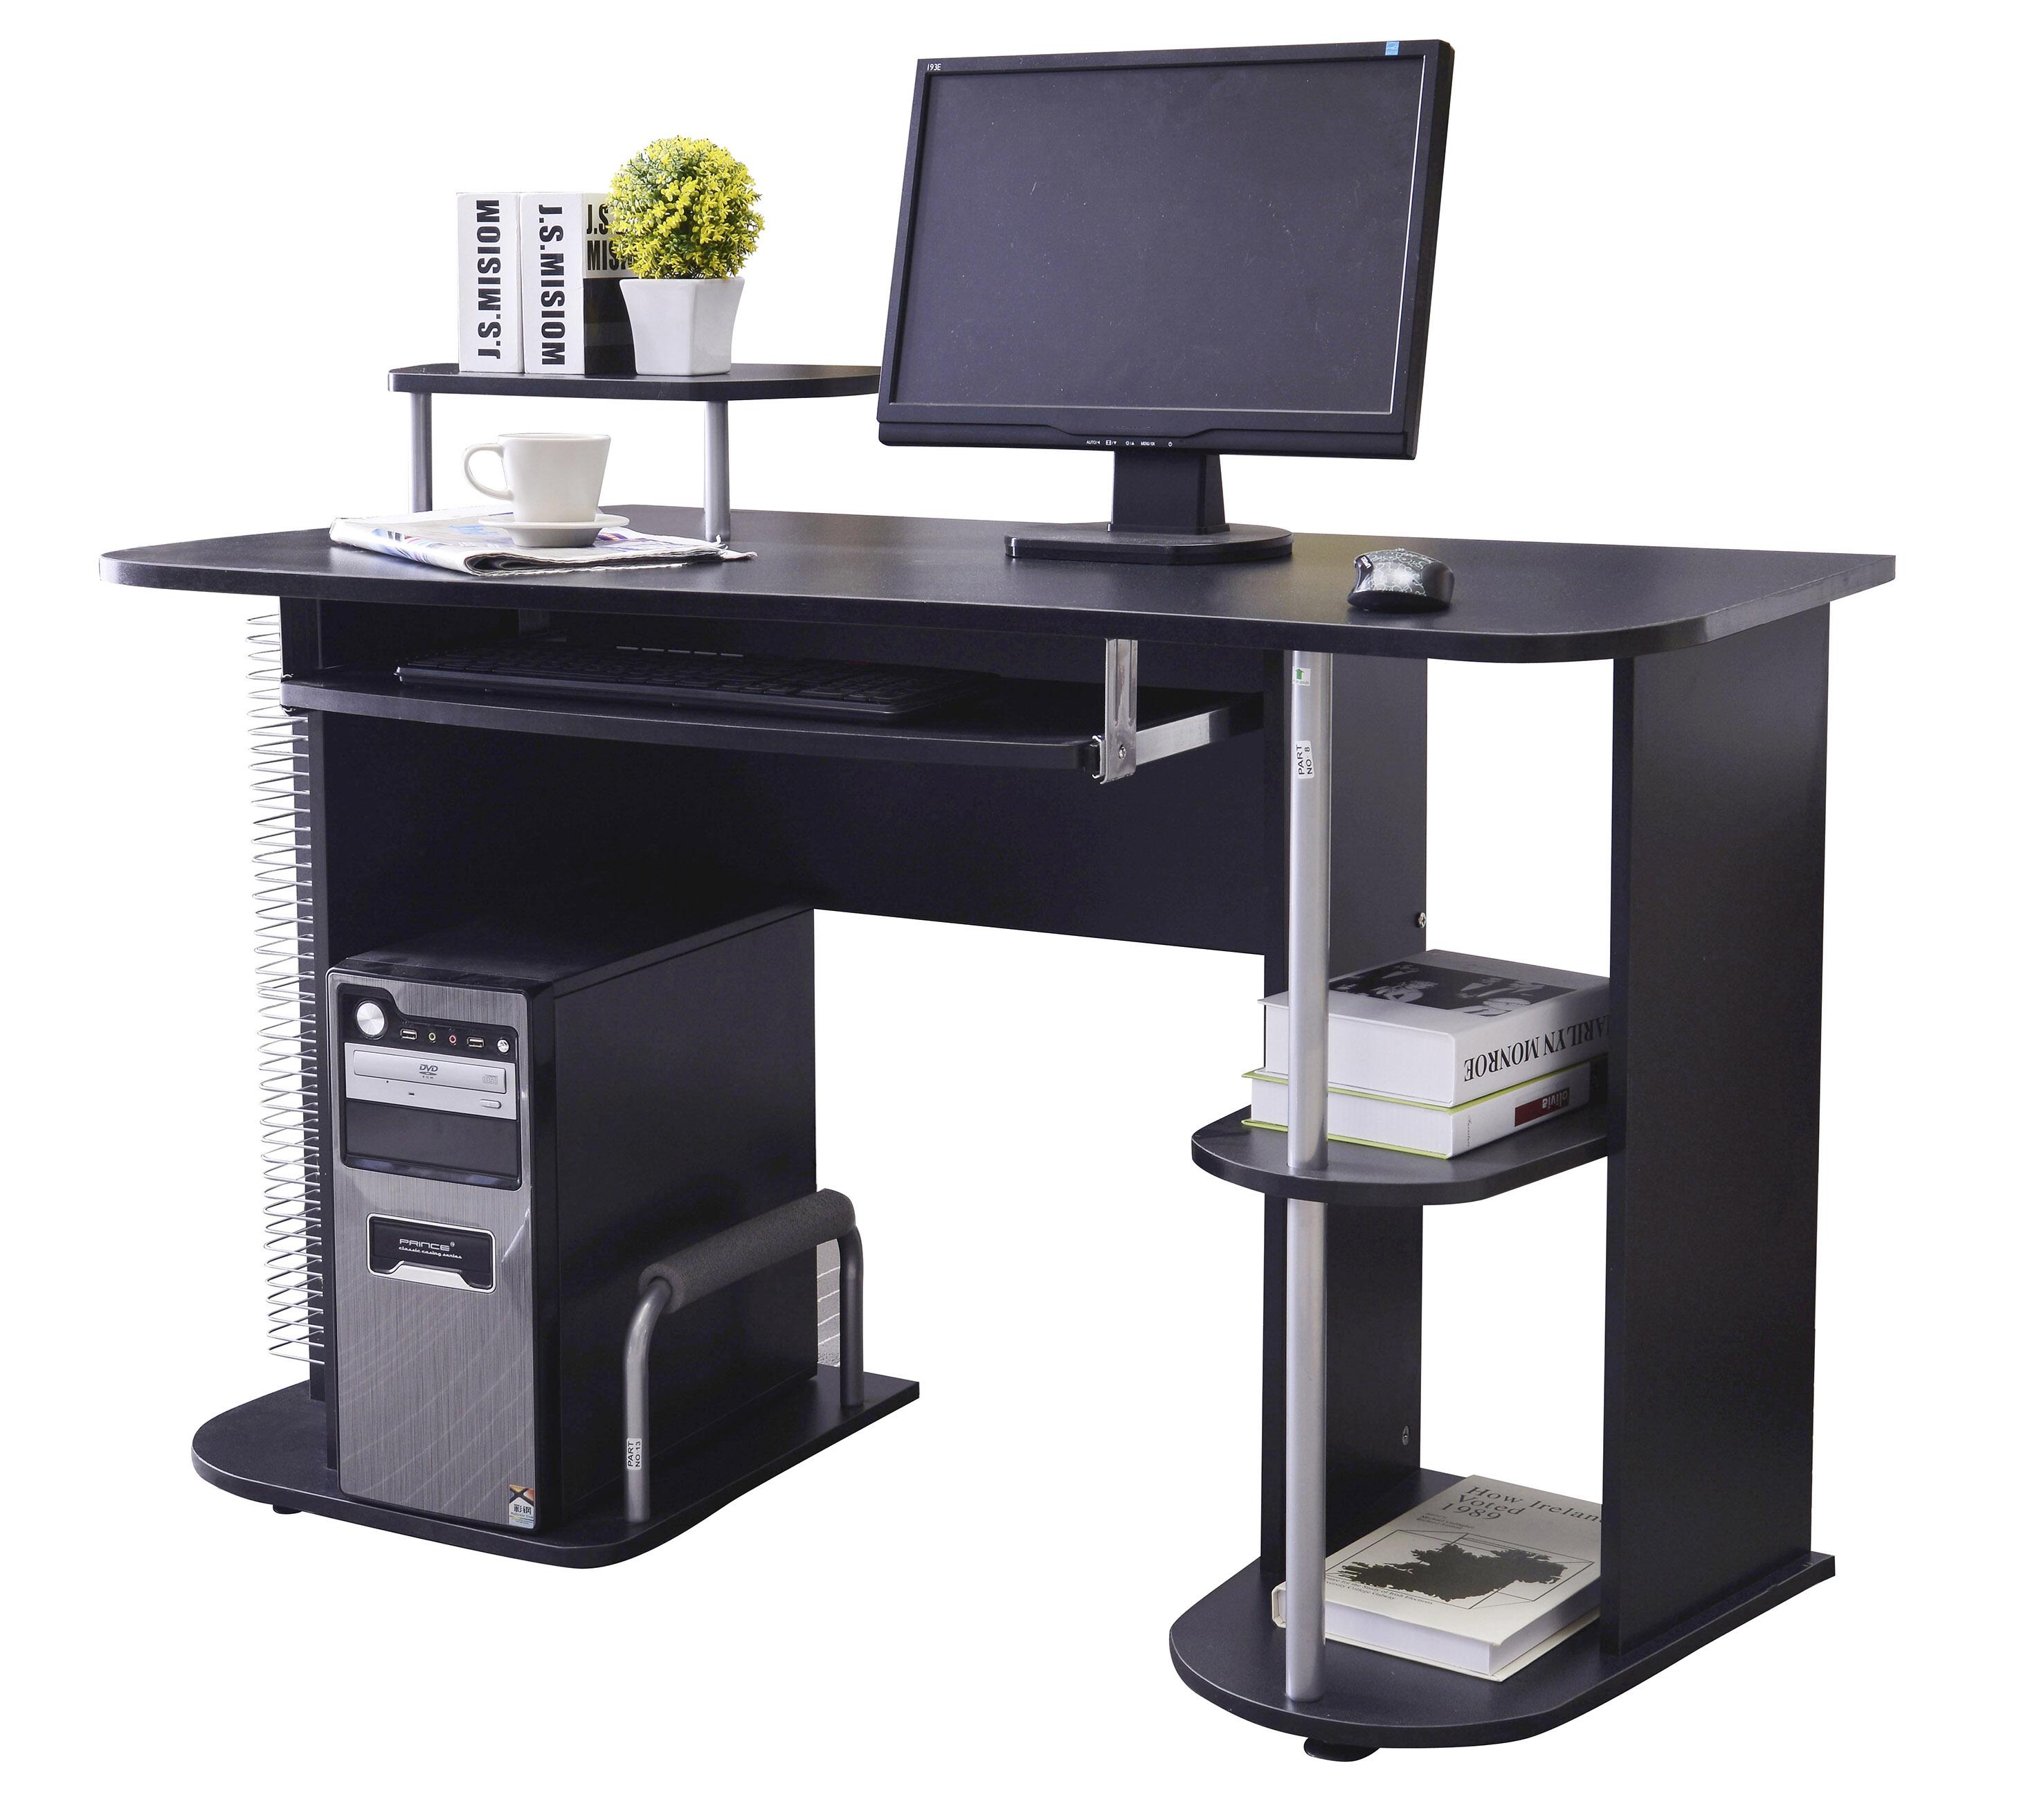 Mesa Para Ordenador Sharemedoc ~ Mesas De Escritorio Para Ordenador